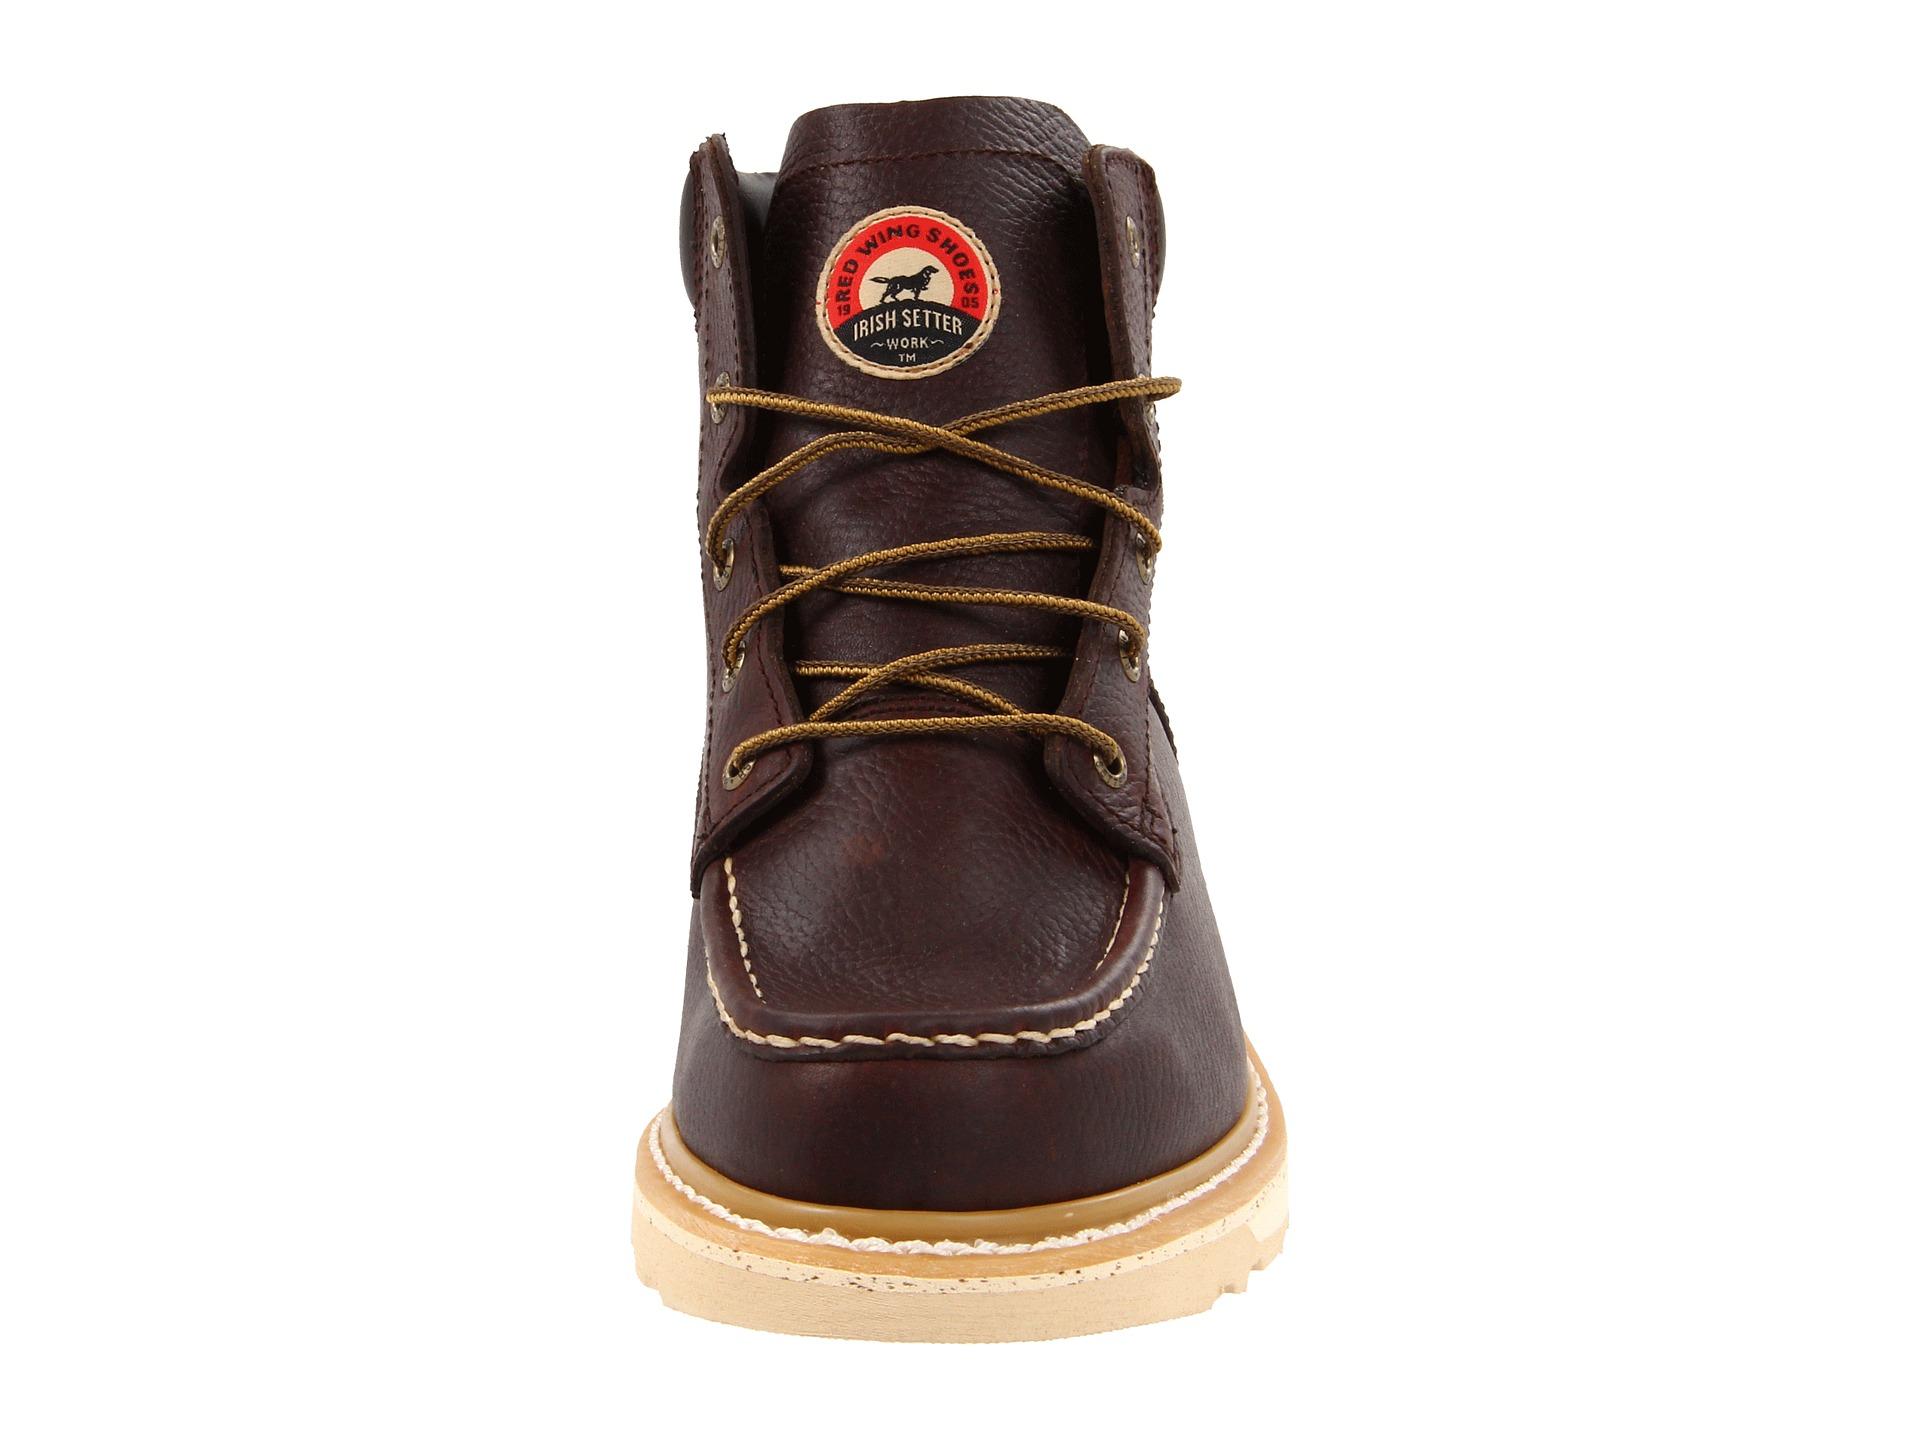 Where to buy irish setter boots